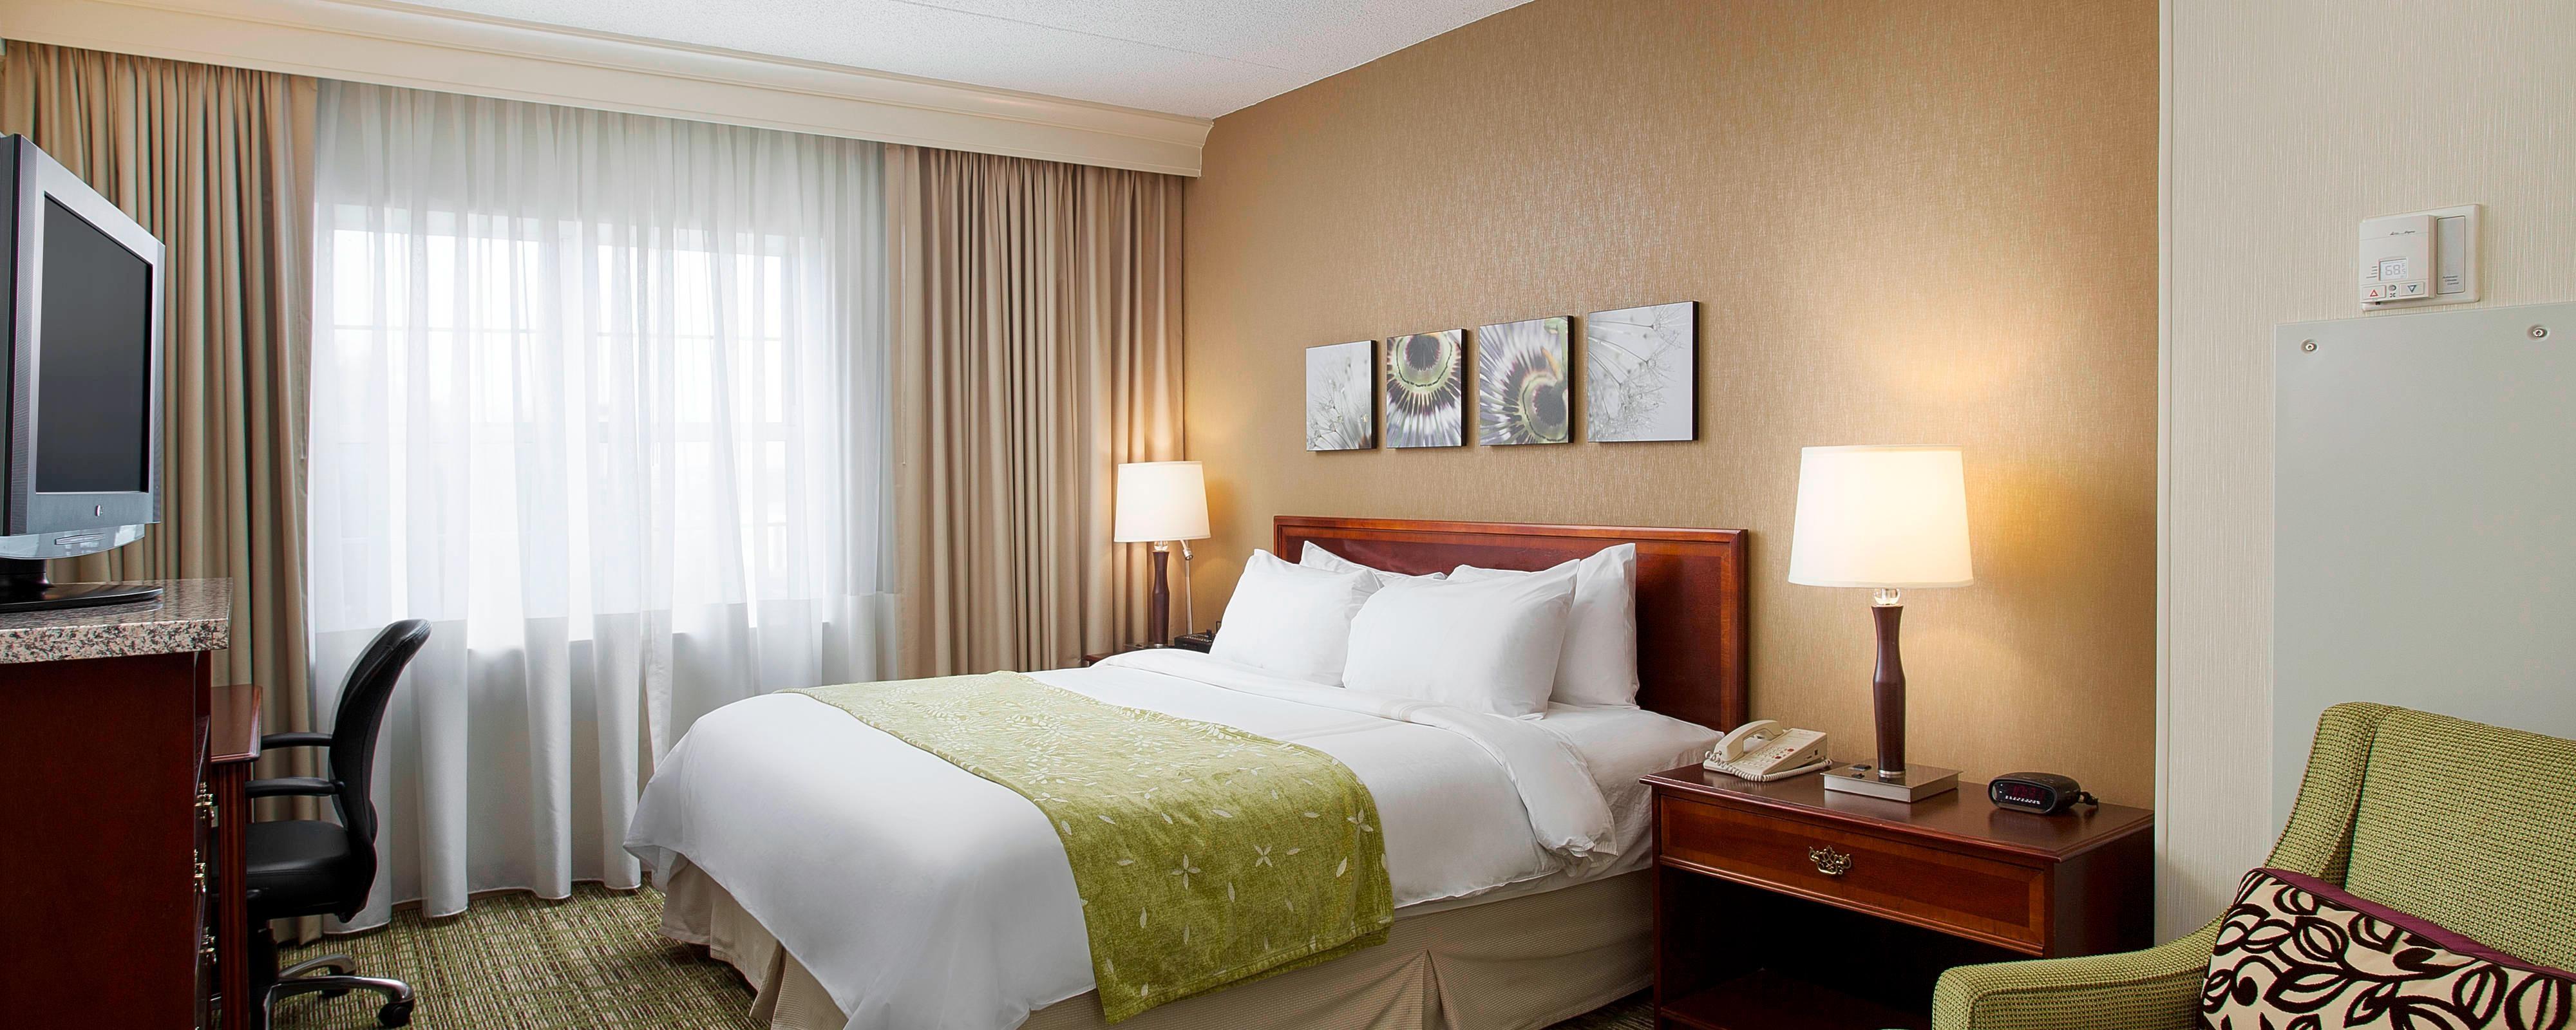 Midway Airport Suite Bedroom